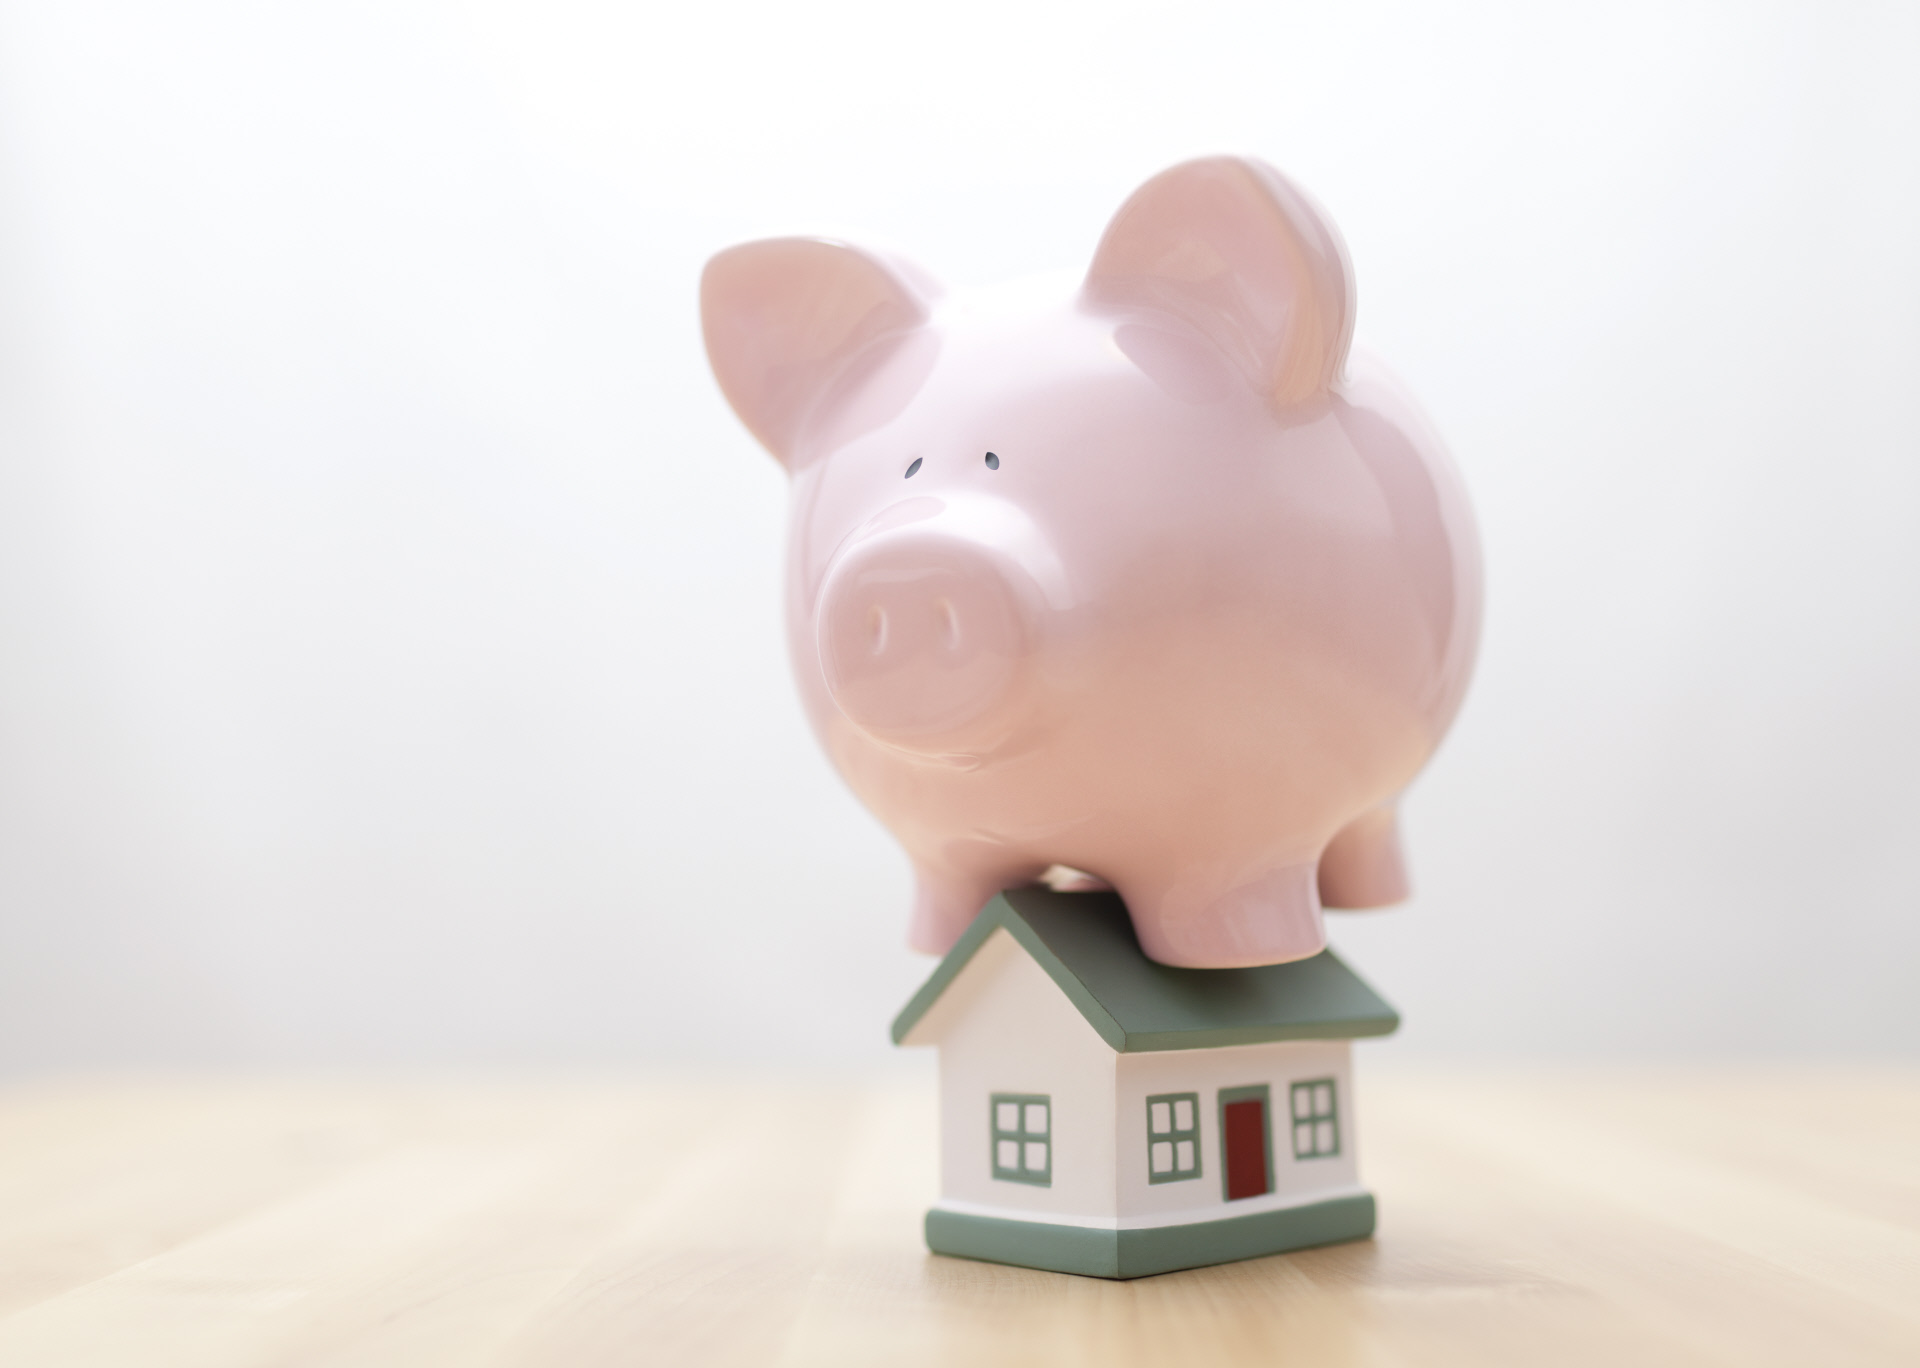 Un cerdo encima de una casa